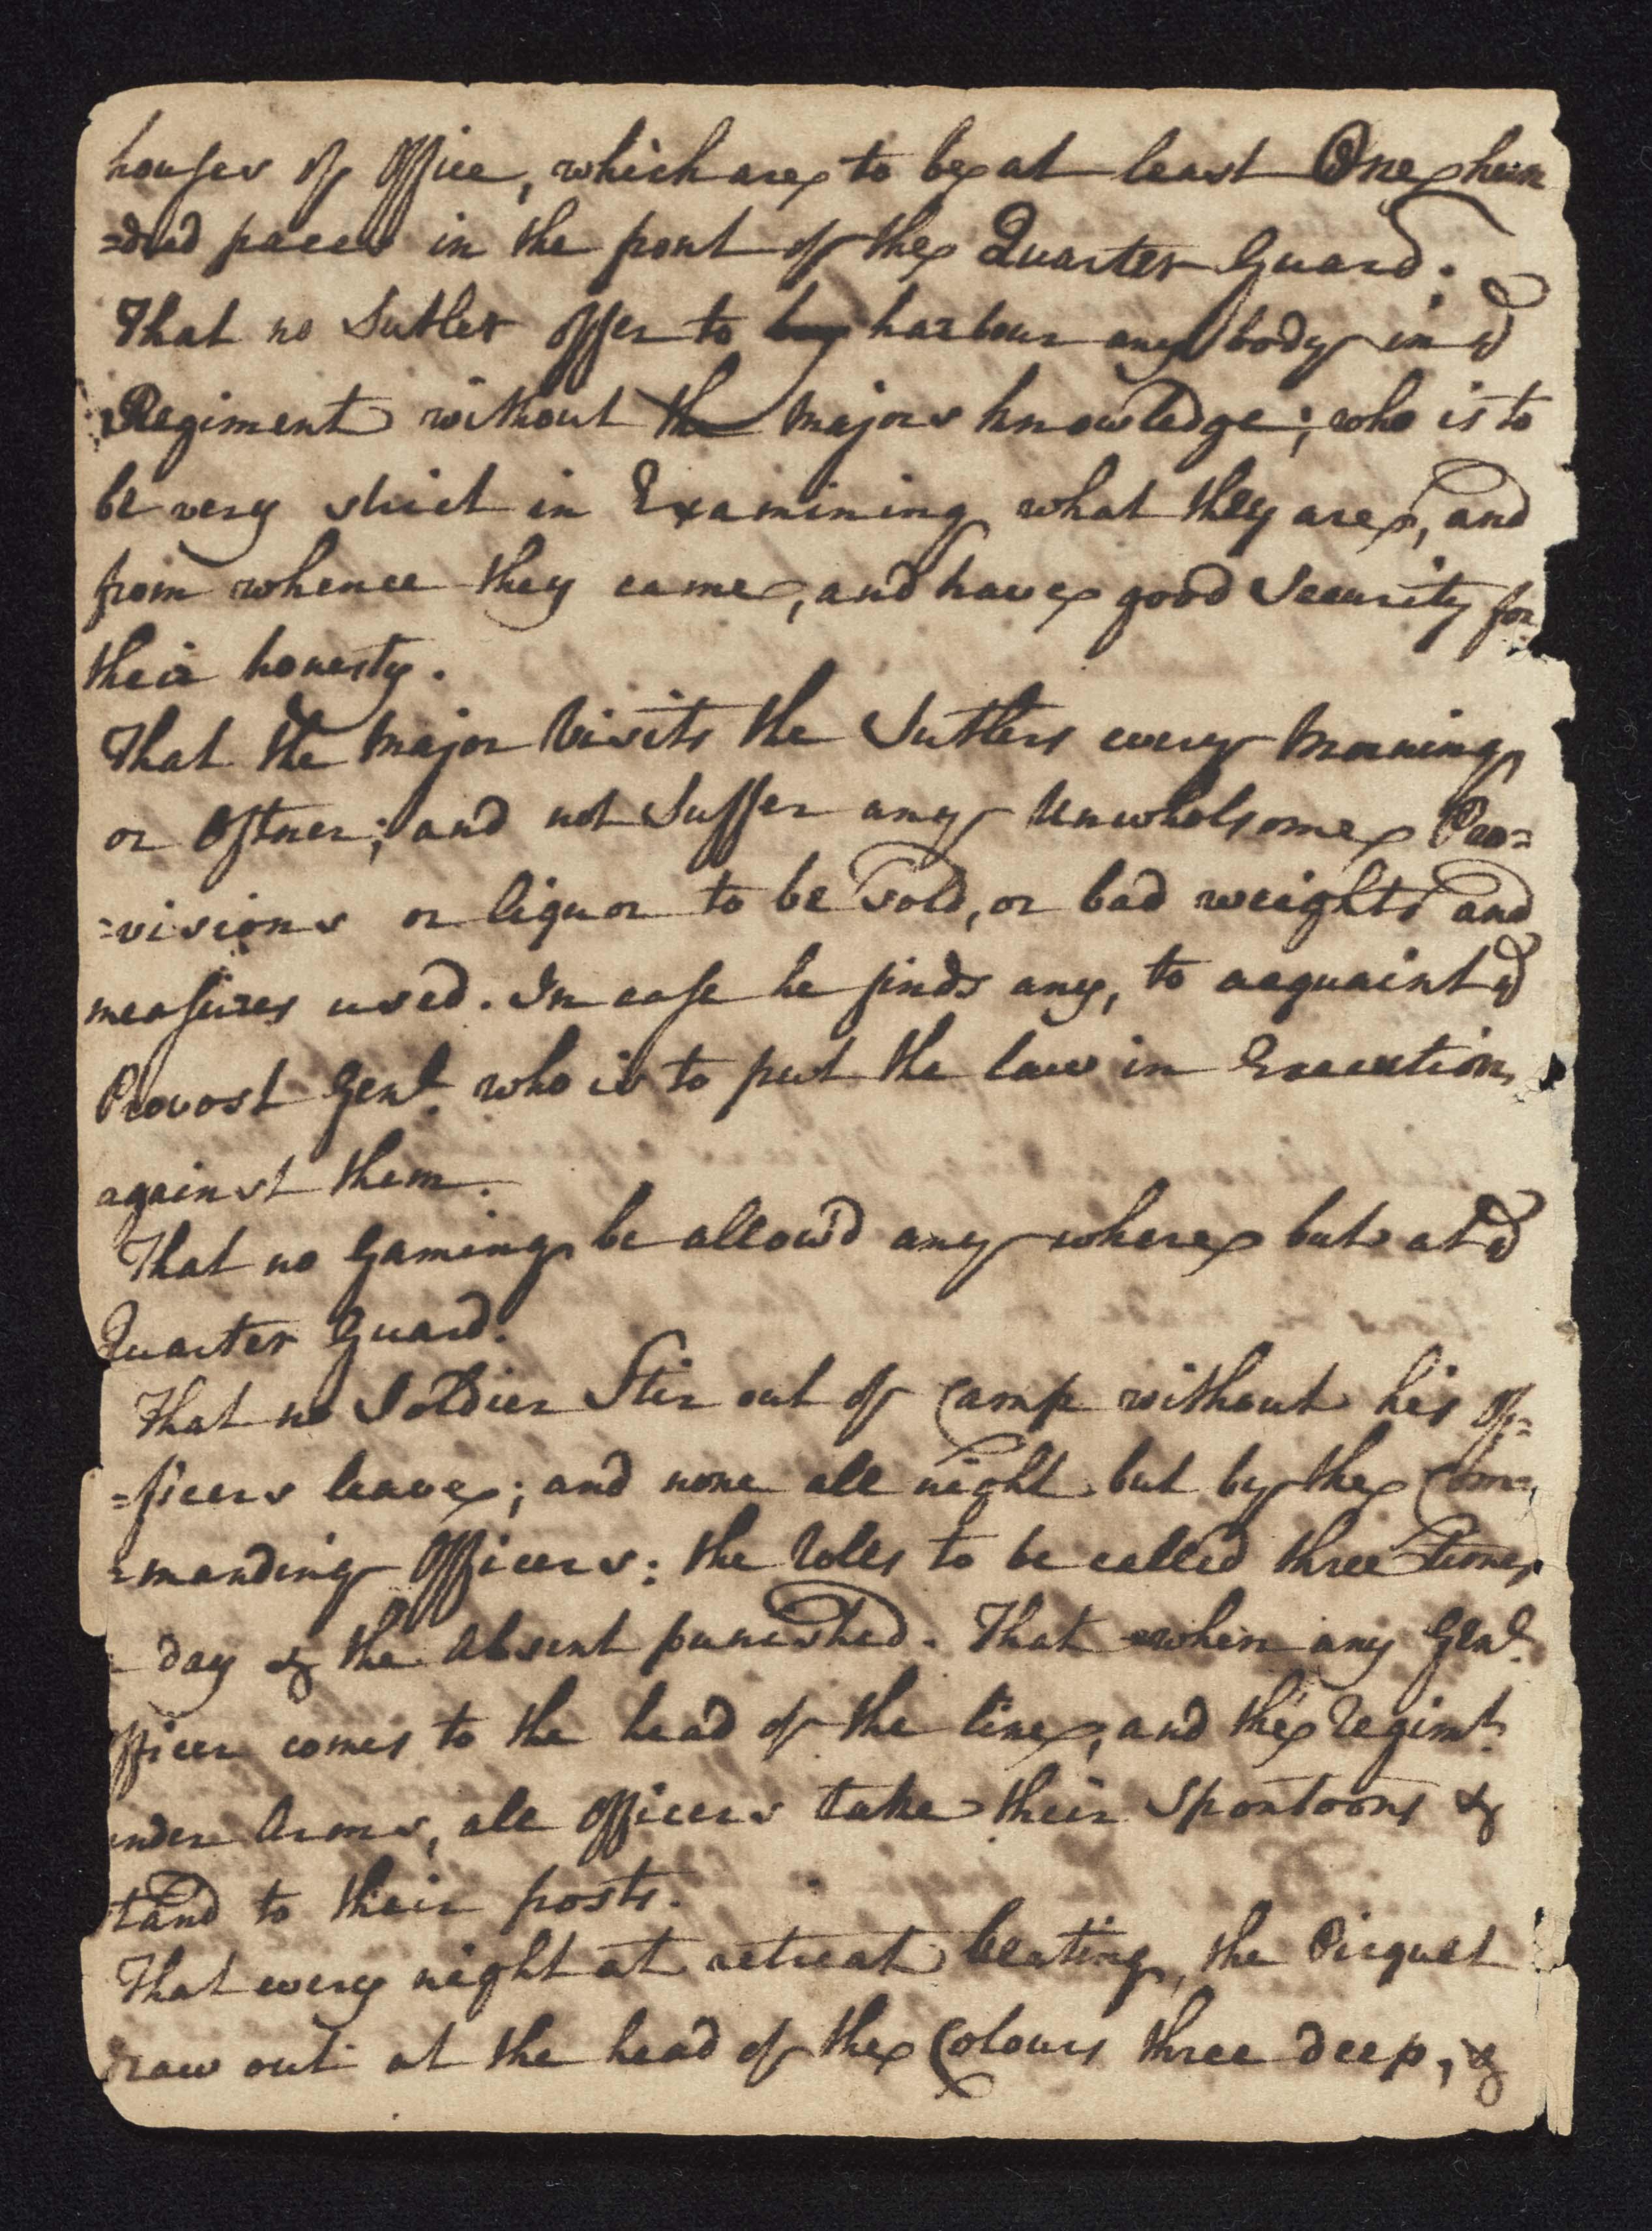 South Carolina Regiment Order Book, Page 4